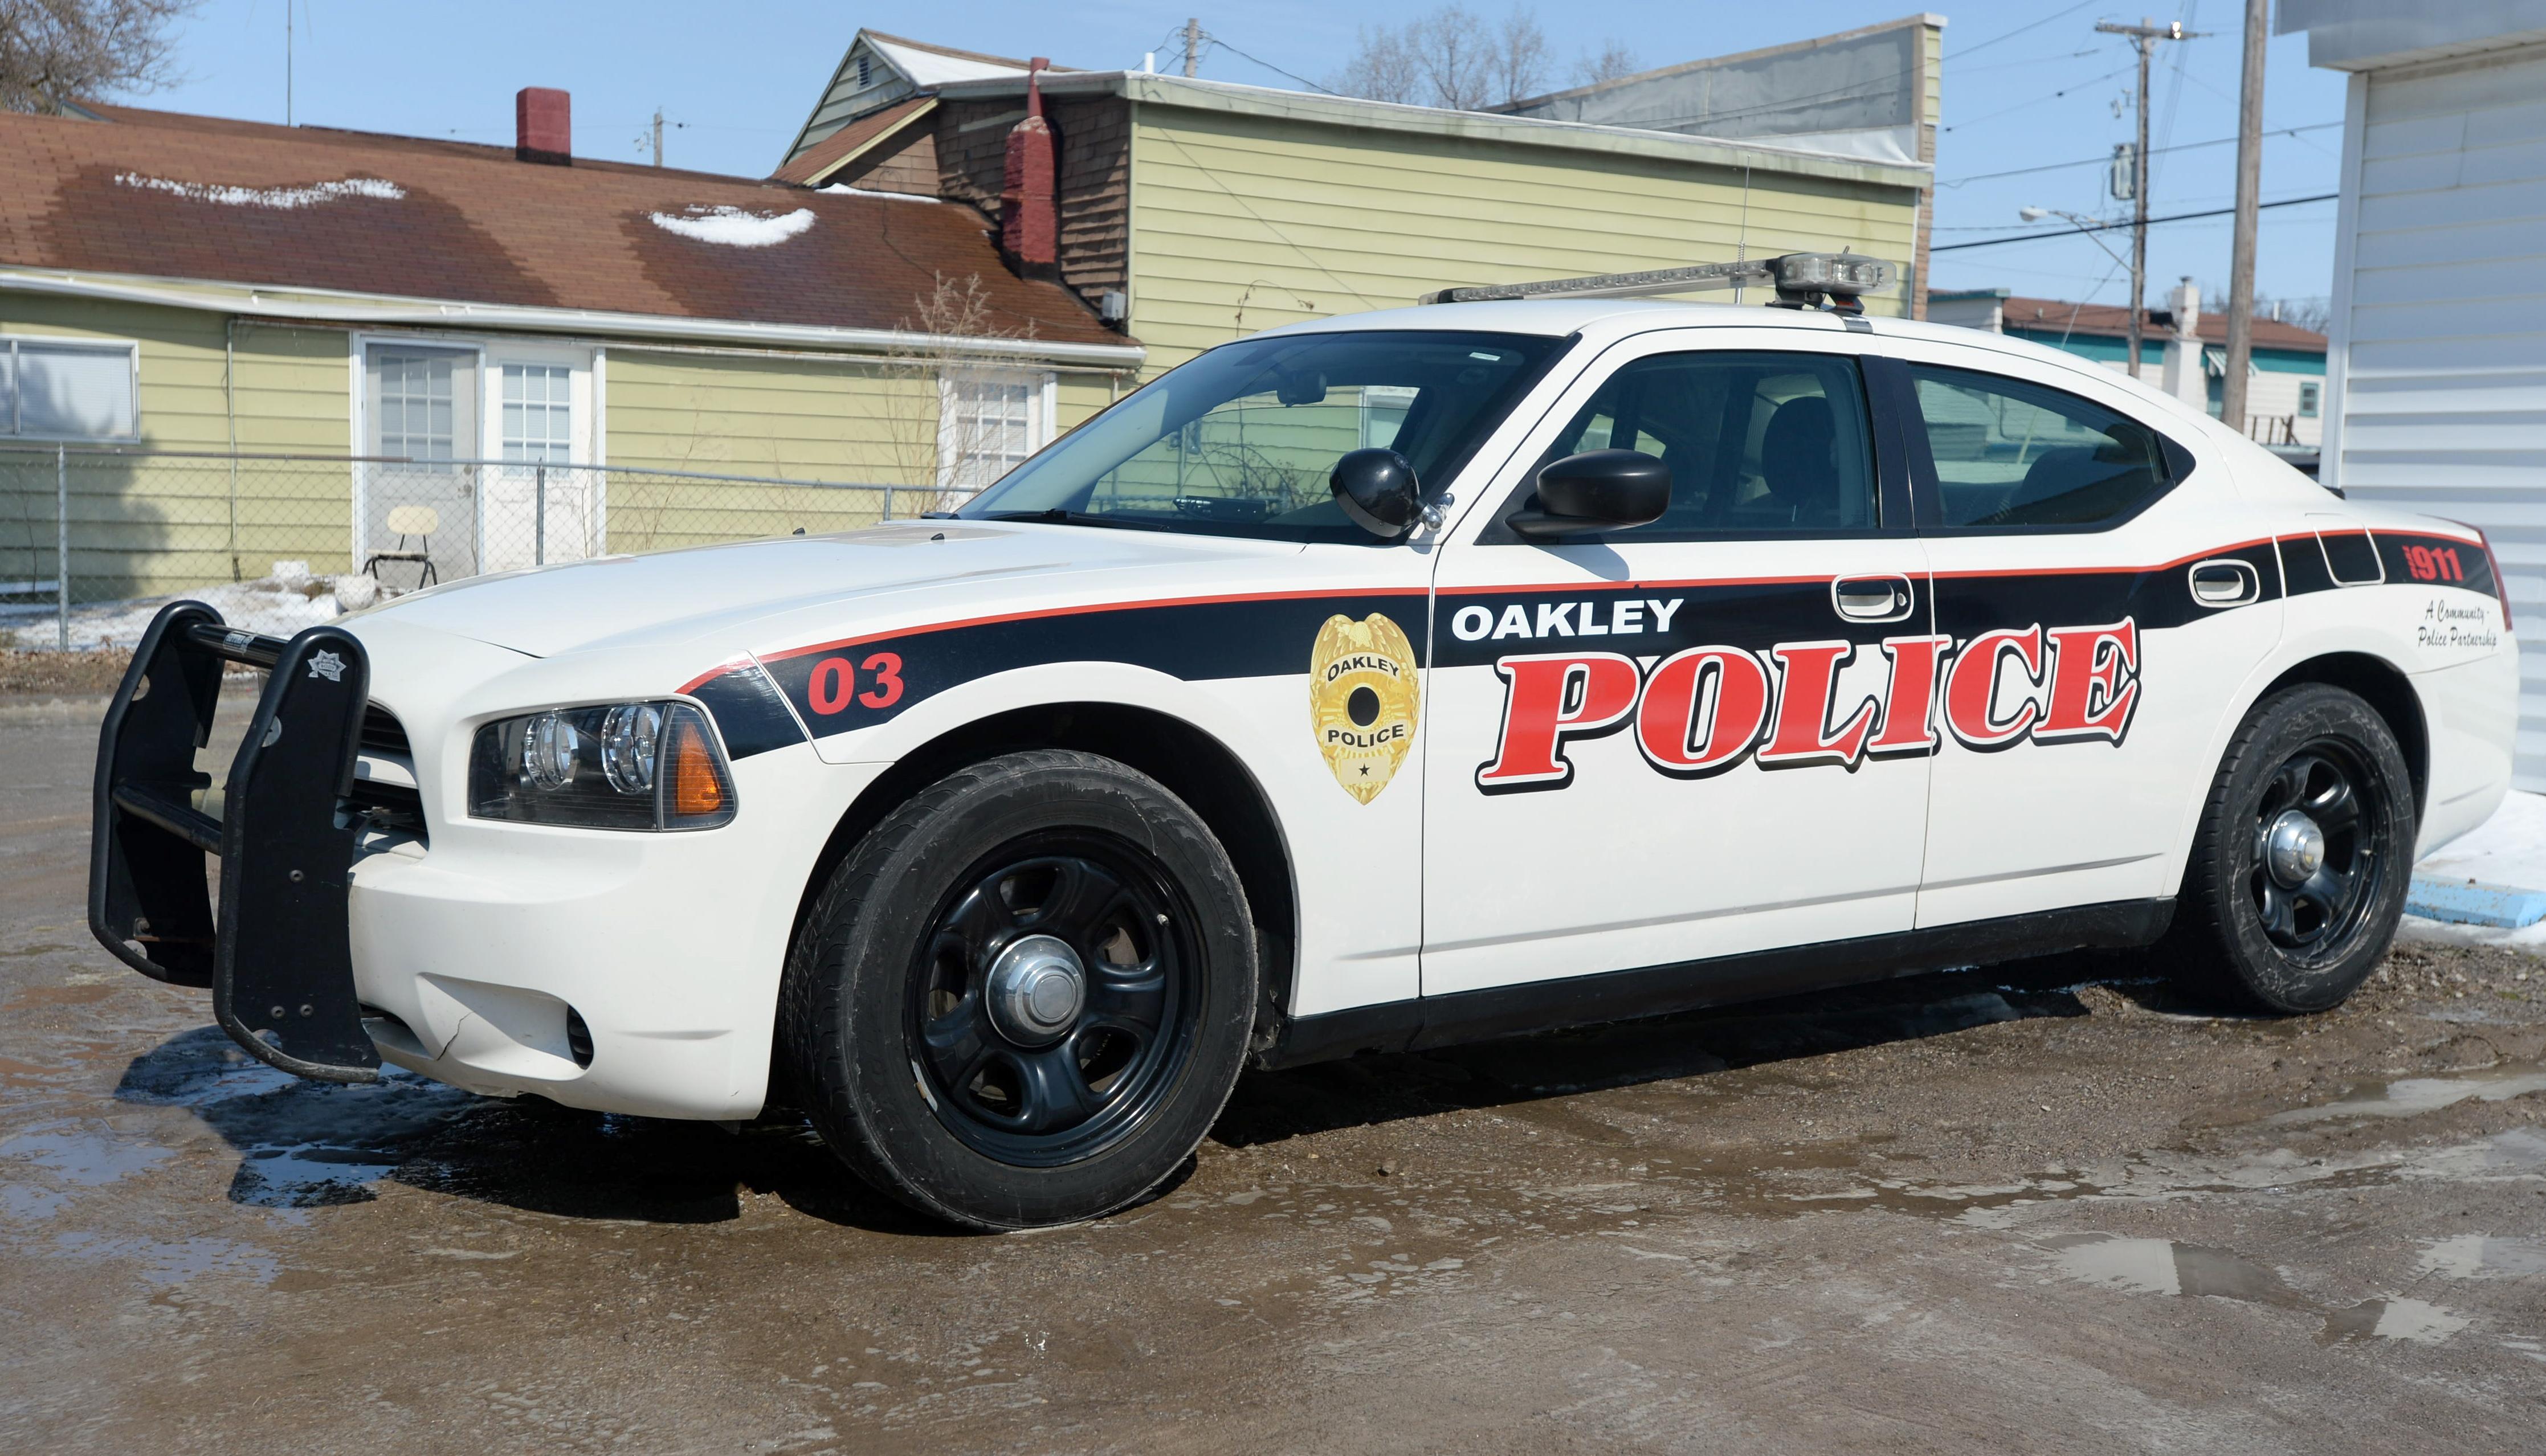 An Oakley police car in Oakley, Mich., on March 14, 2014 .